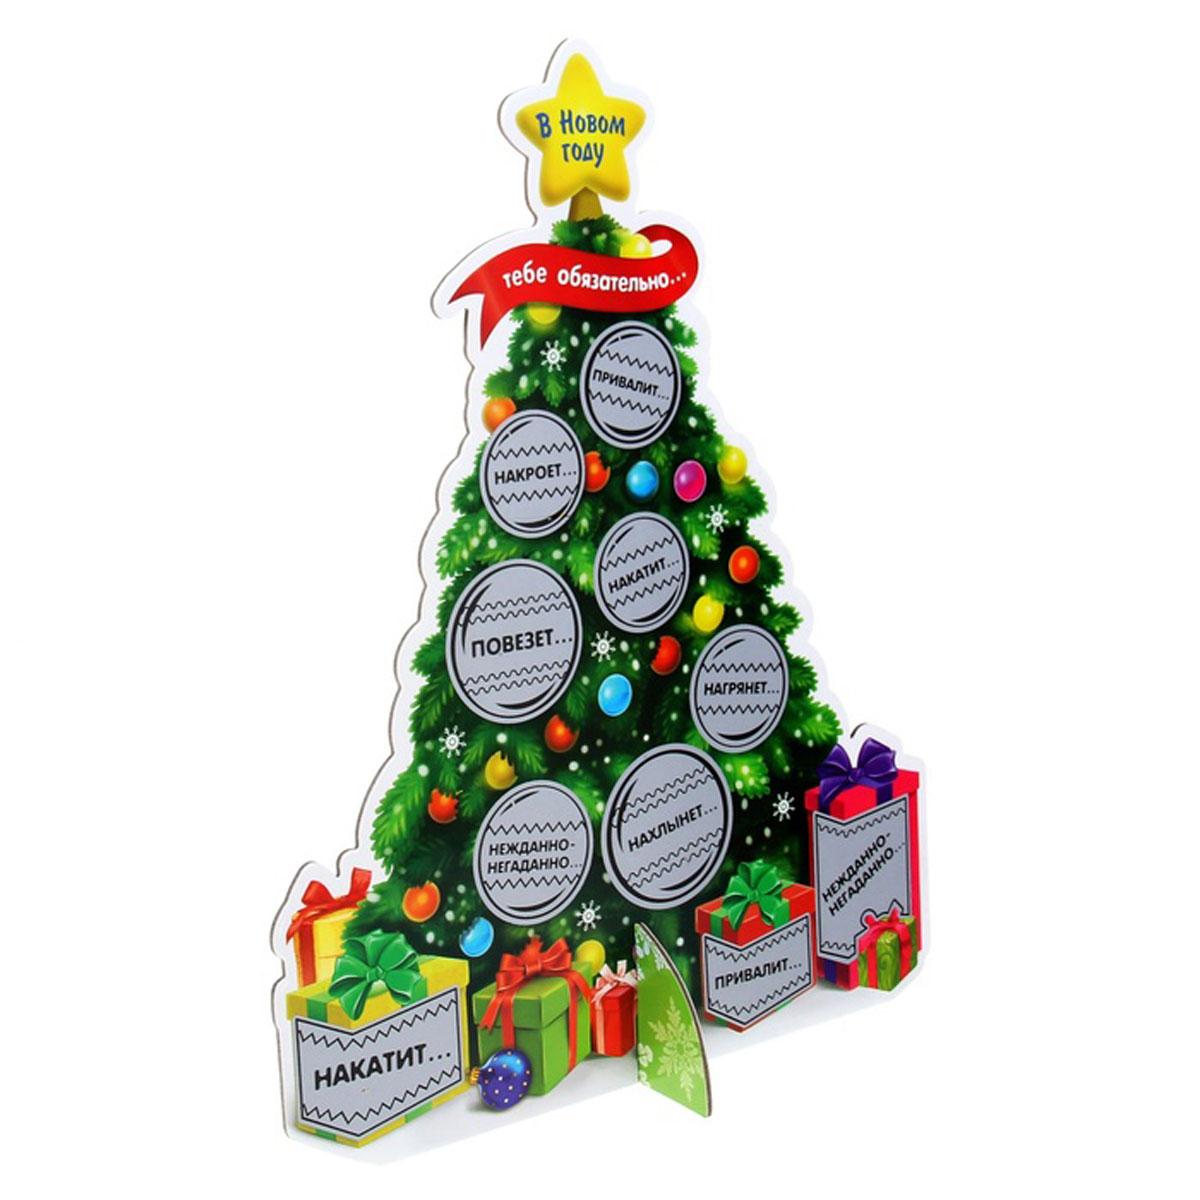 Украшение новогоднее Sima-land Предсказания, со скретч-слоем, 22,7 см х 29 см1099054Украшение новогоднее Sima-land Предсказания, изготовленное из картона, отлично подойдет для декорации вашего дома. Украшение выполнено в виде ели, декорированной снежинками и игрушками, которая собирается из двух частей крест-накрест. На деревце развешаны, словно игрушки, маленькие пожелания под скретч-слоем, который нужно стереть, когда часы пробьют двенадцать. Новогодние украшения всегда несут в себе волшебство и красоту праздника. Создайте в своем доме атмосферу тепла, веселья и радости, украшая его всей семьей.